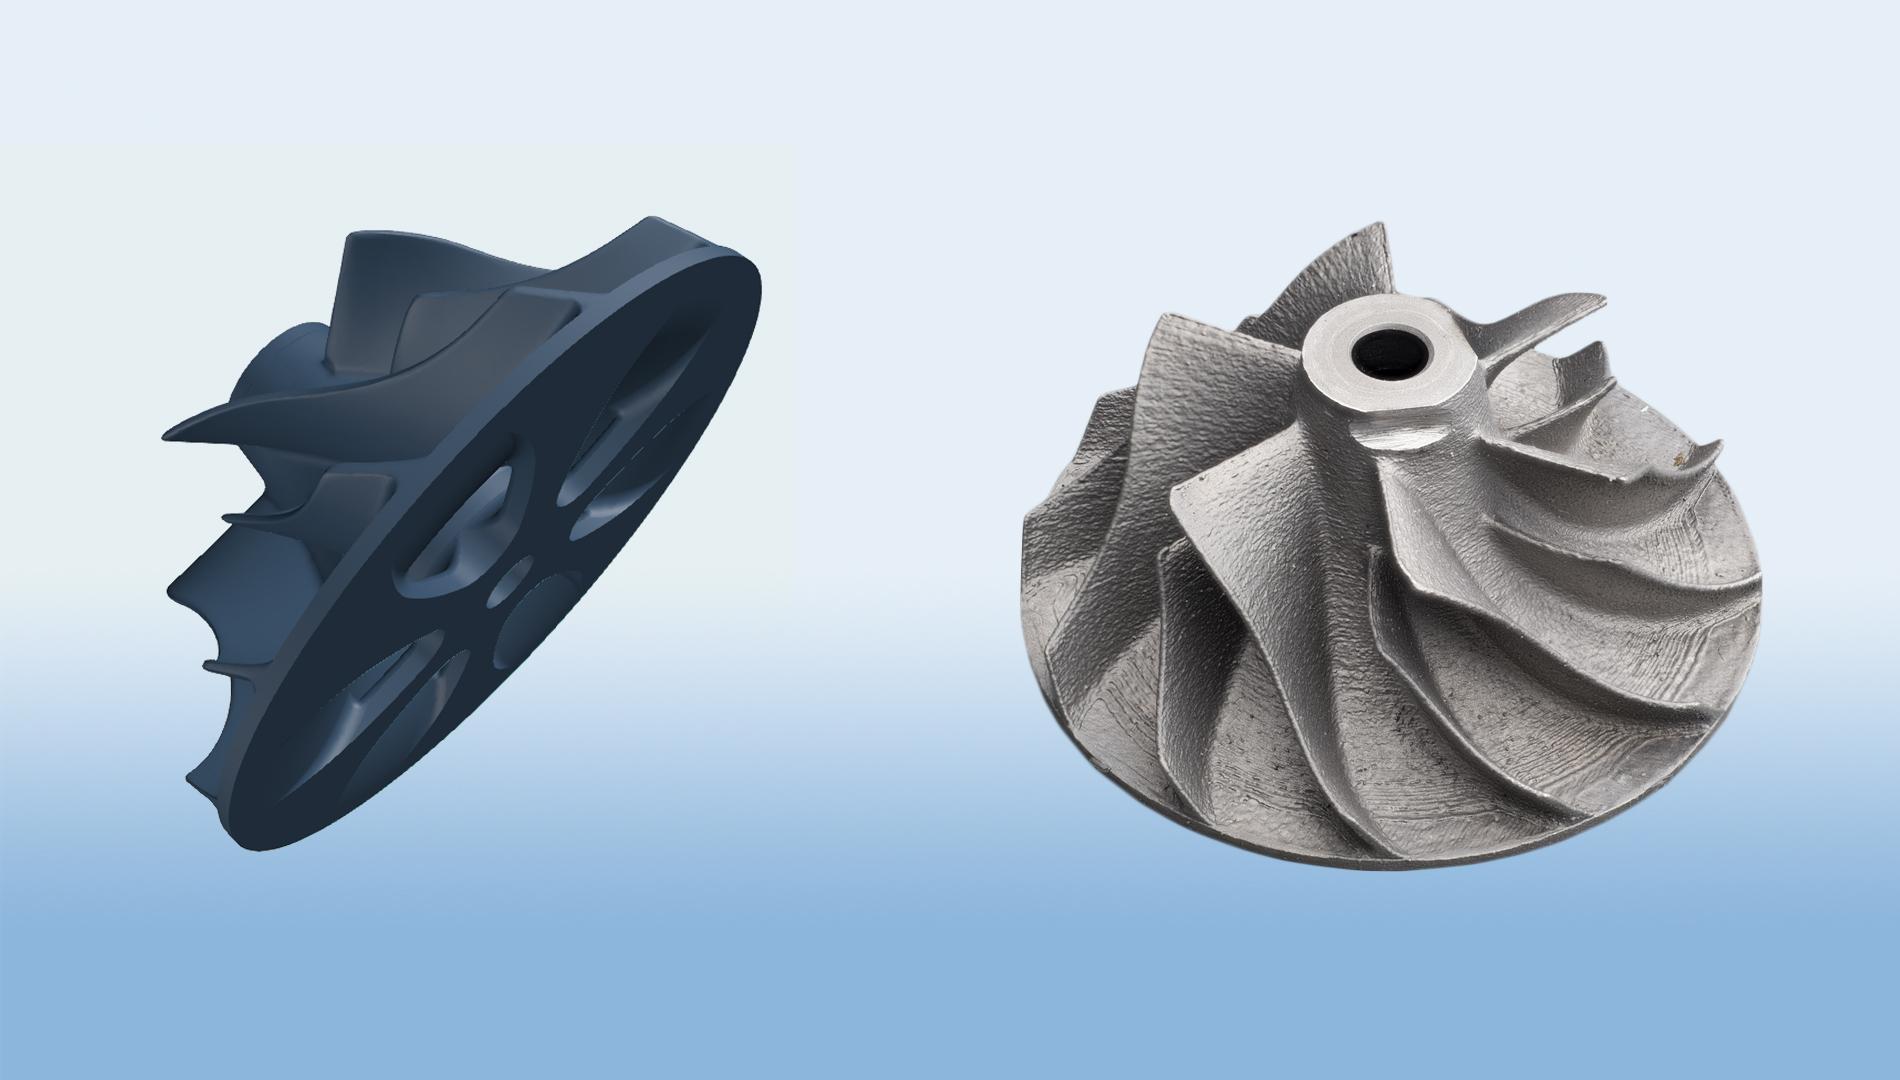 NLR achieves milestone in 3D printing